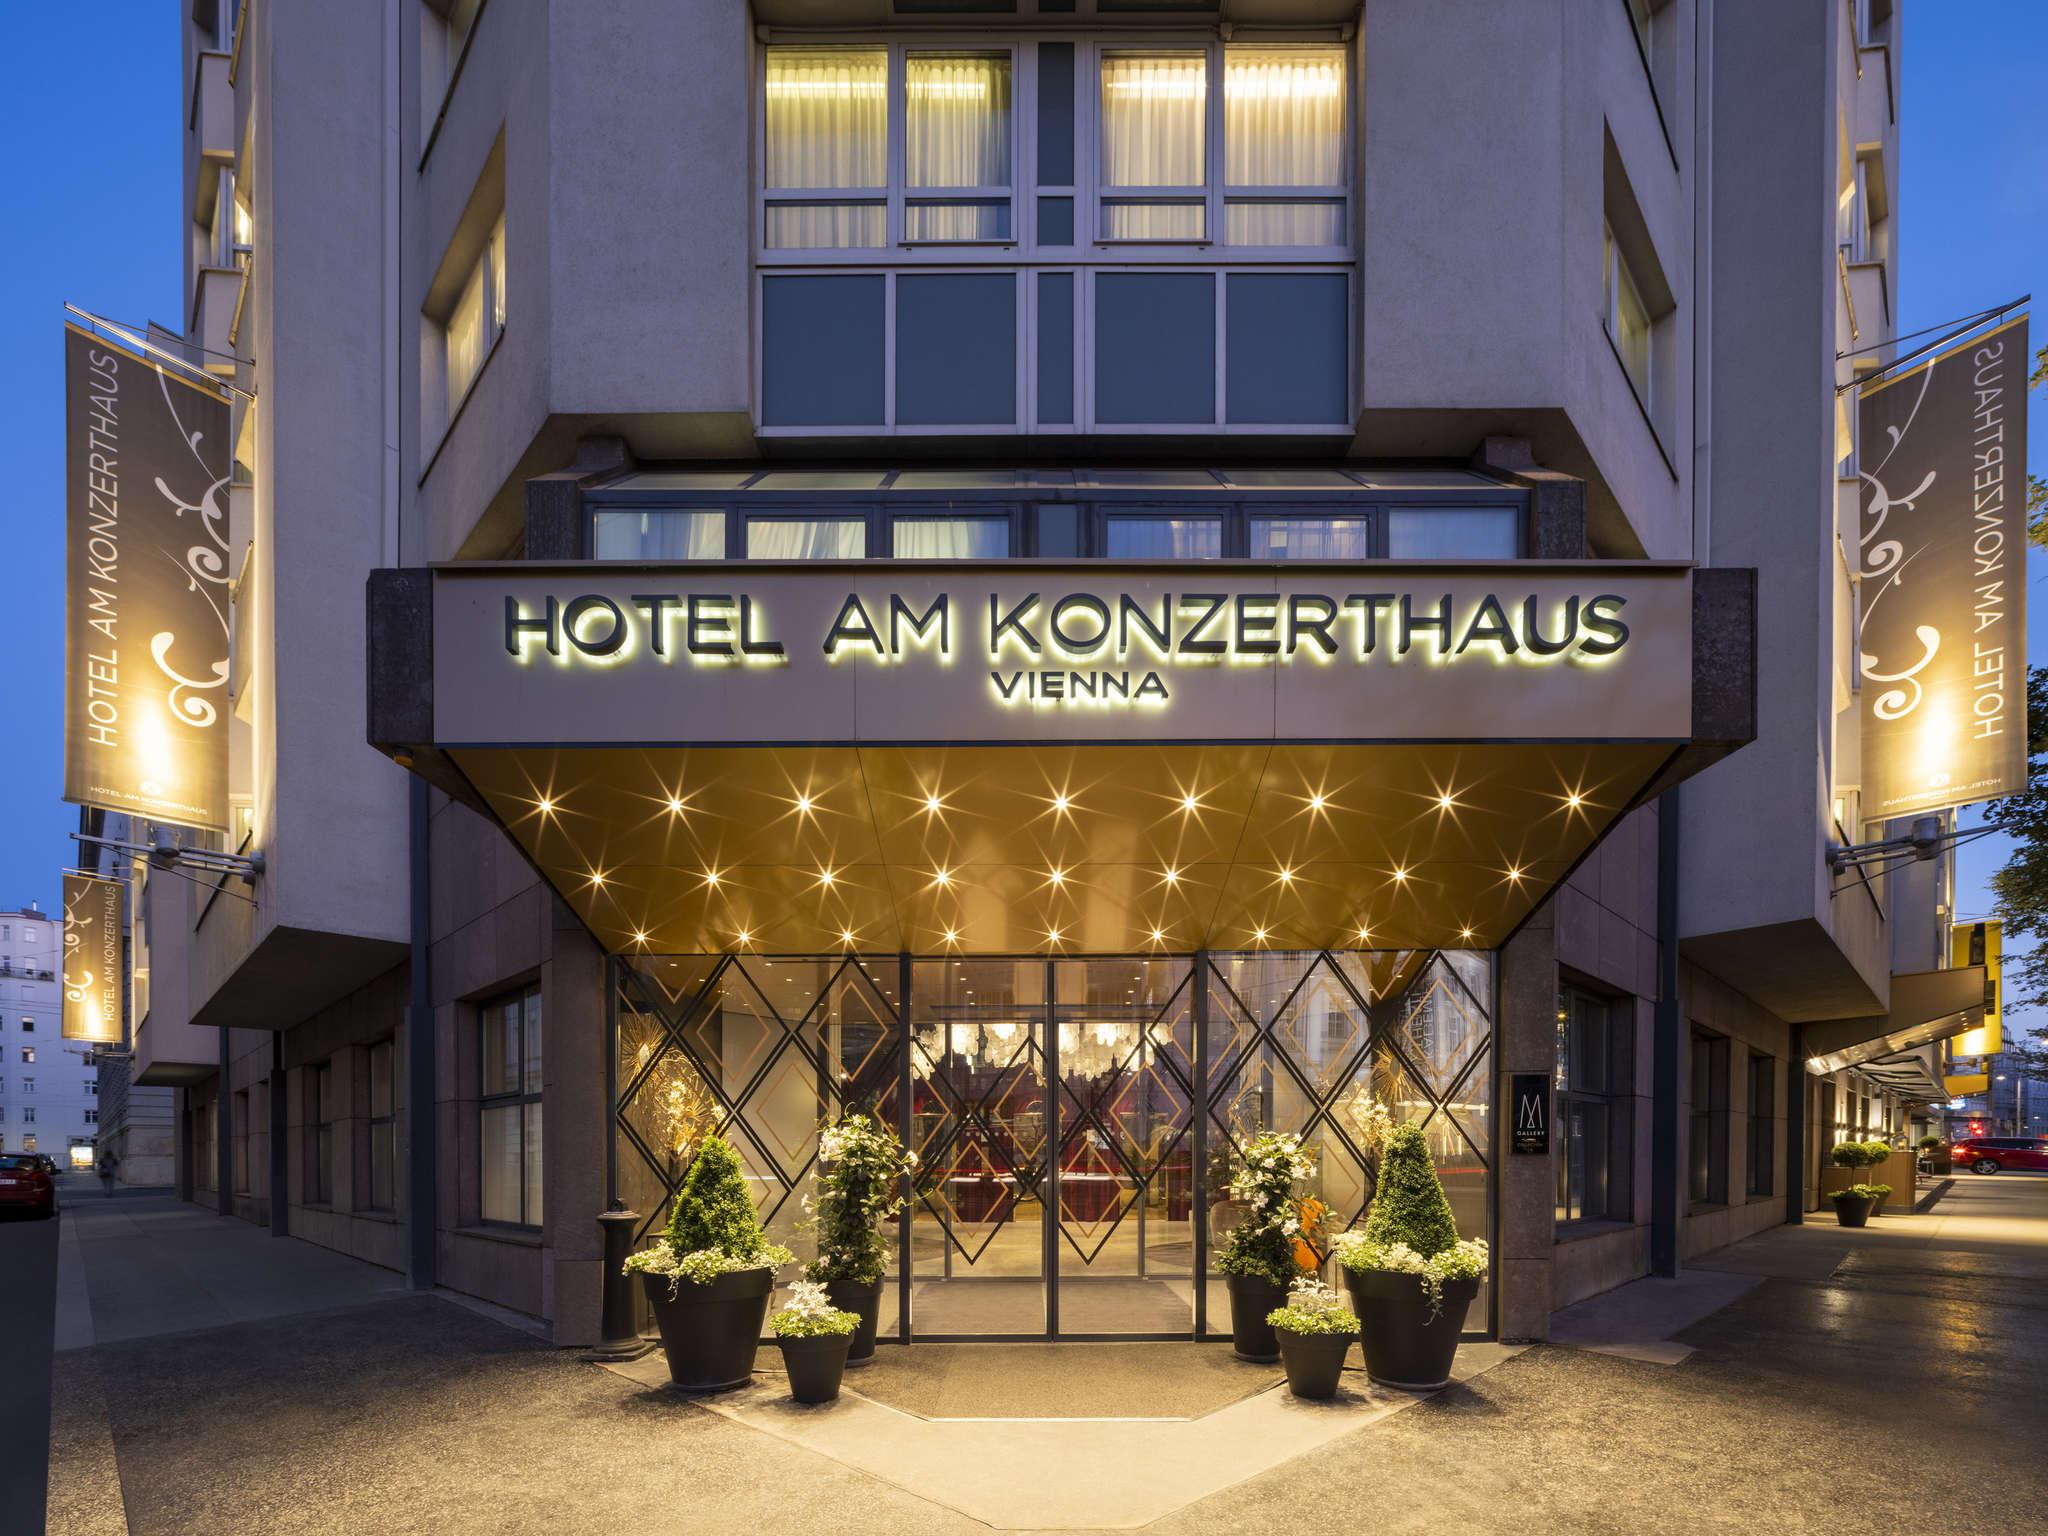 ホテル – ホテルアムコンツェルトハウス - M ギャラリーコレクション